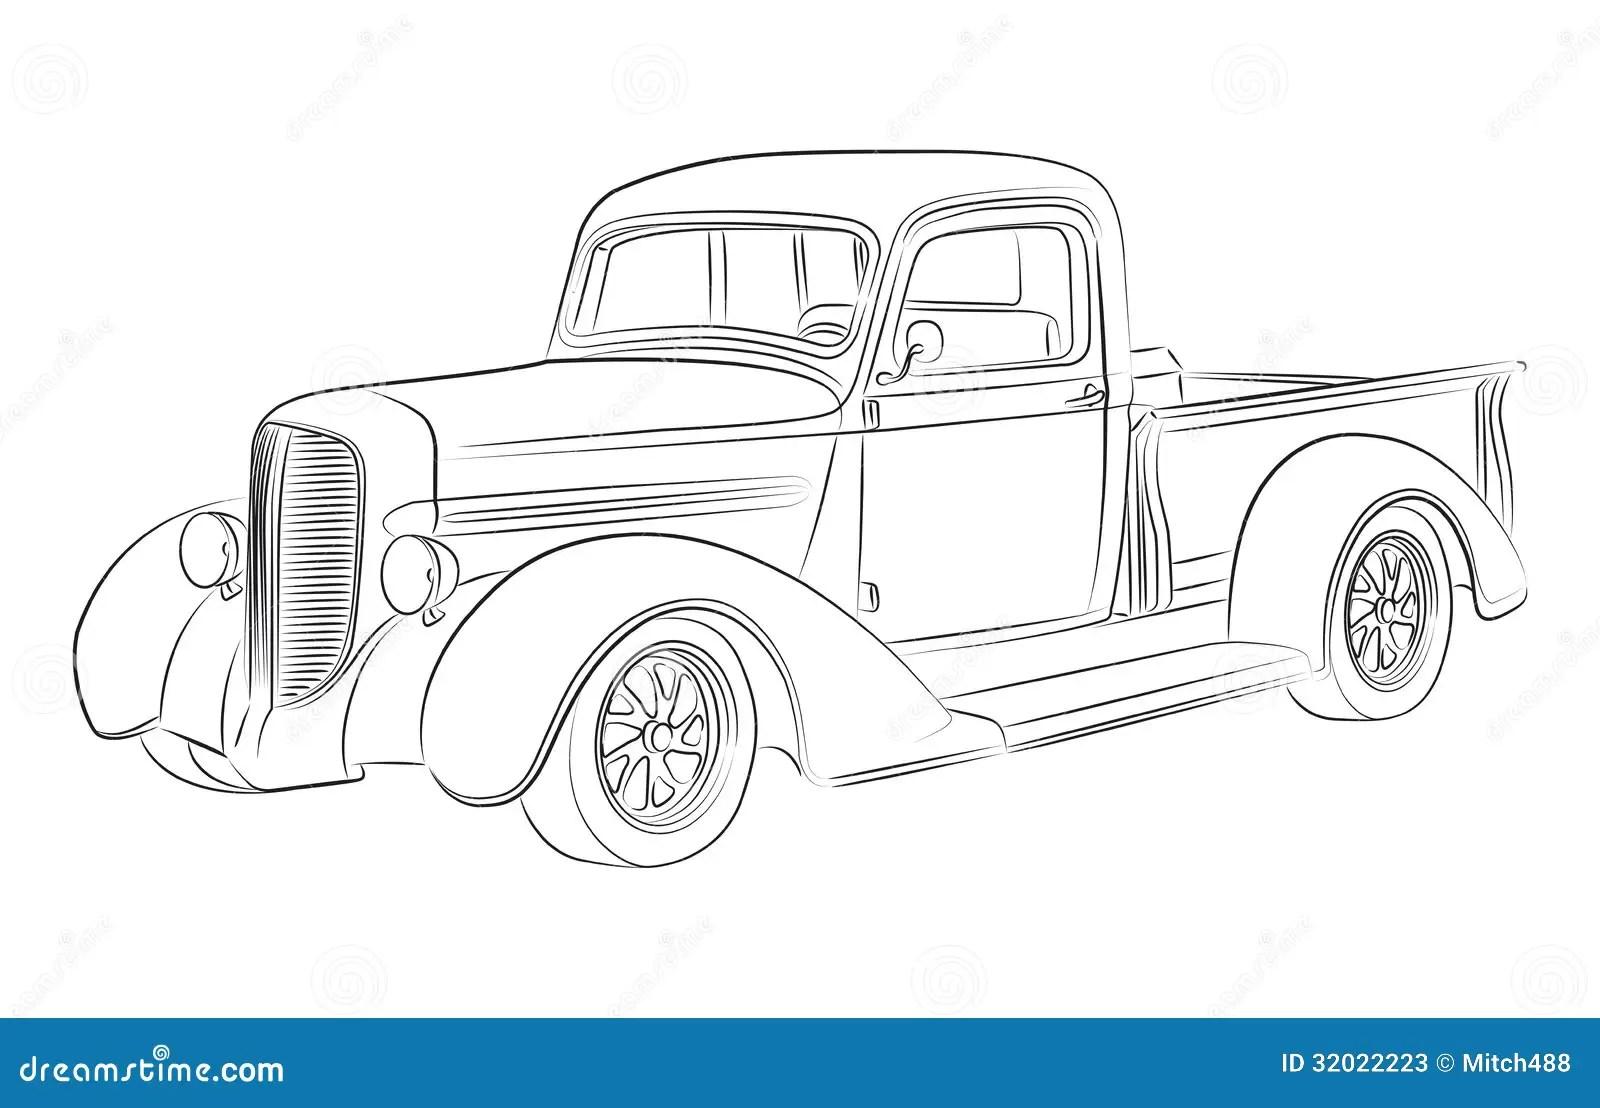 Dibujo De La Recogida De Hotrod Stock de ilustración